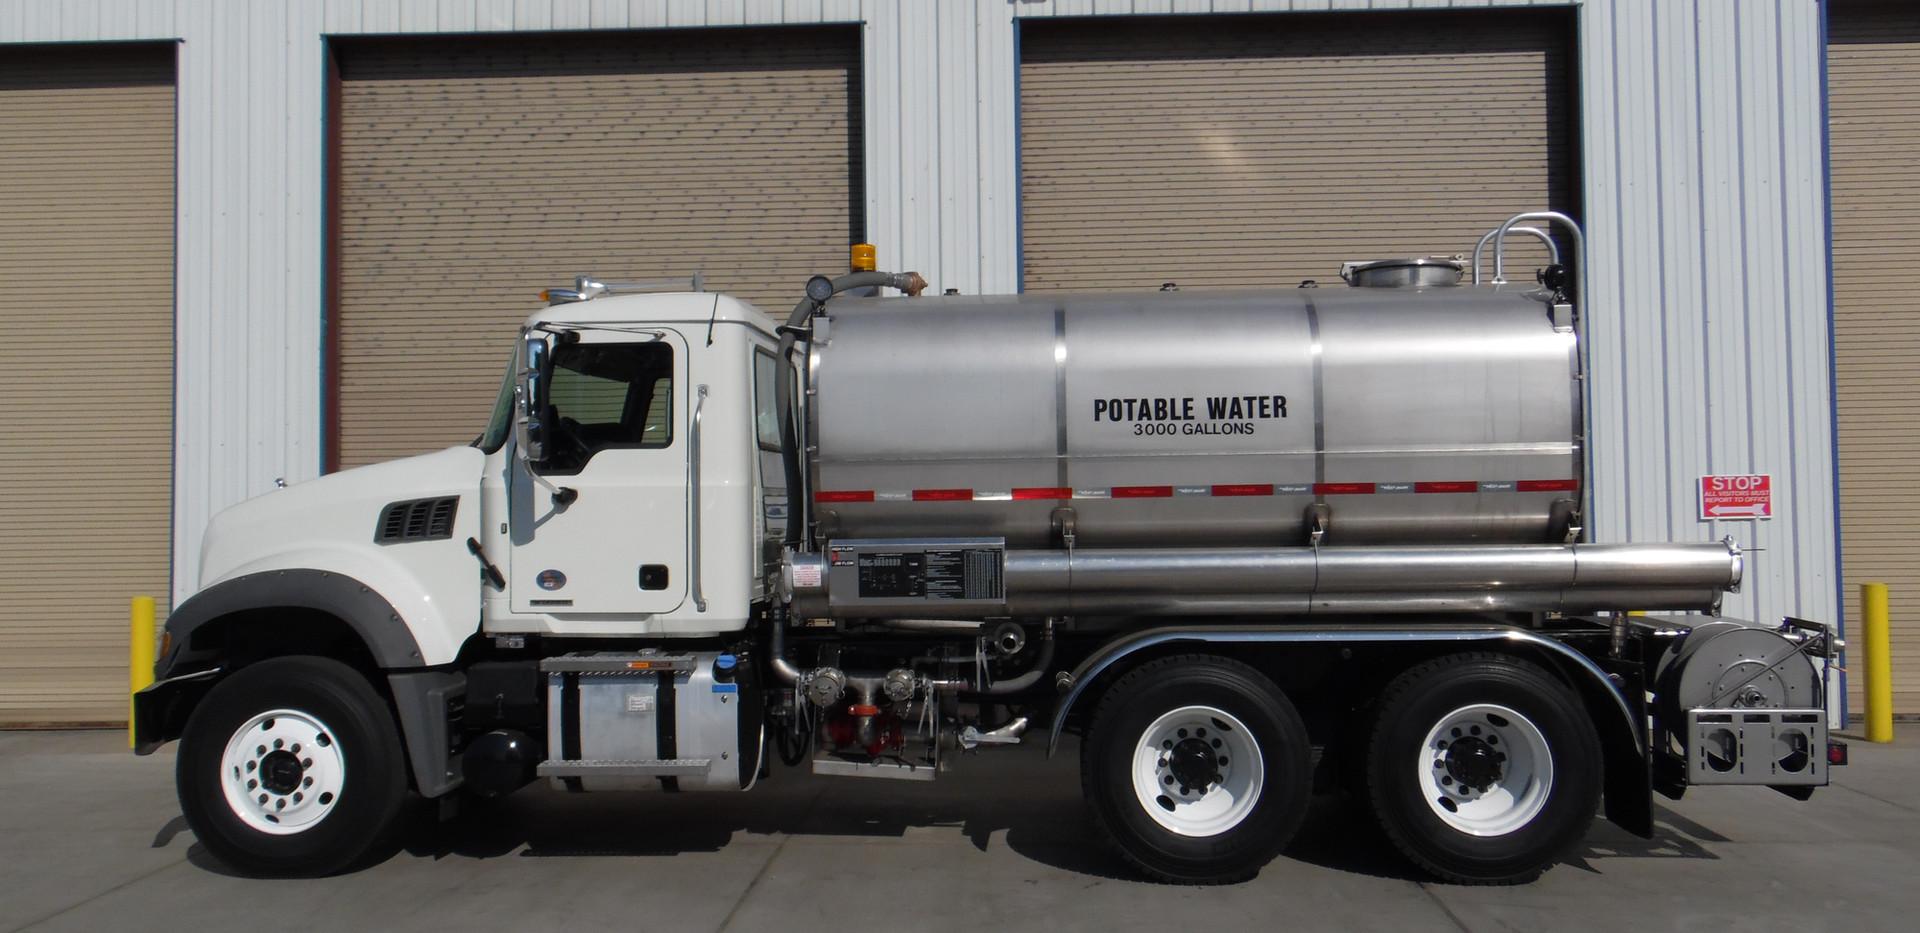 Potable Water Truck, USN Pearl Harbor